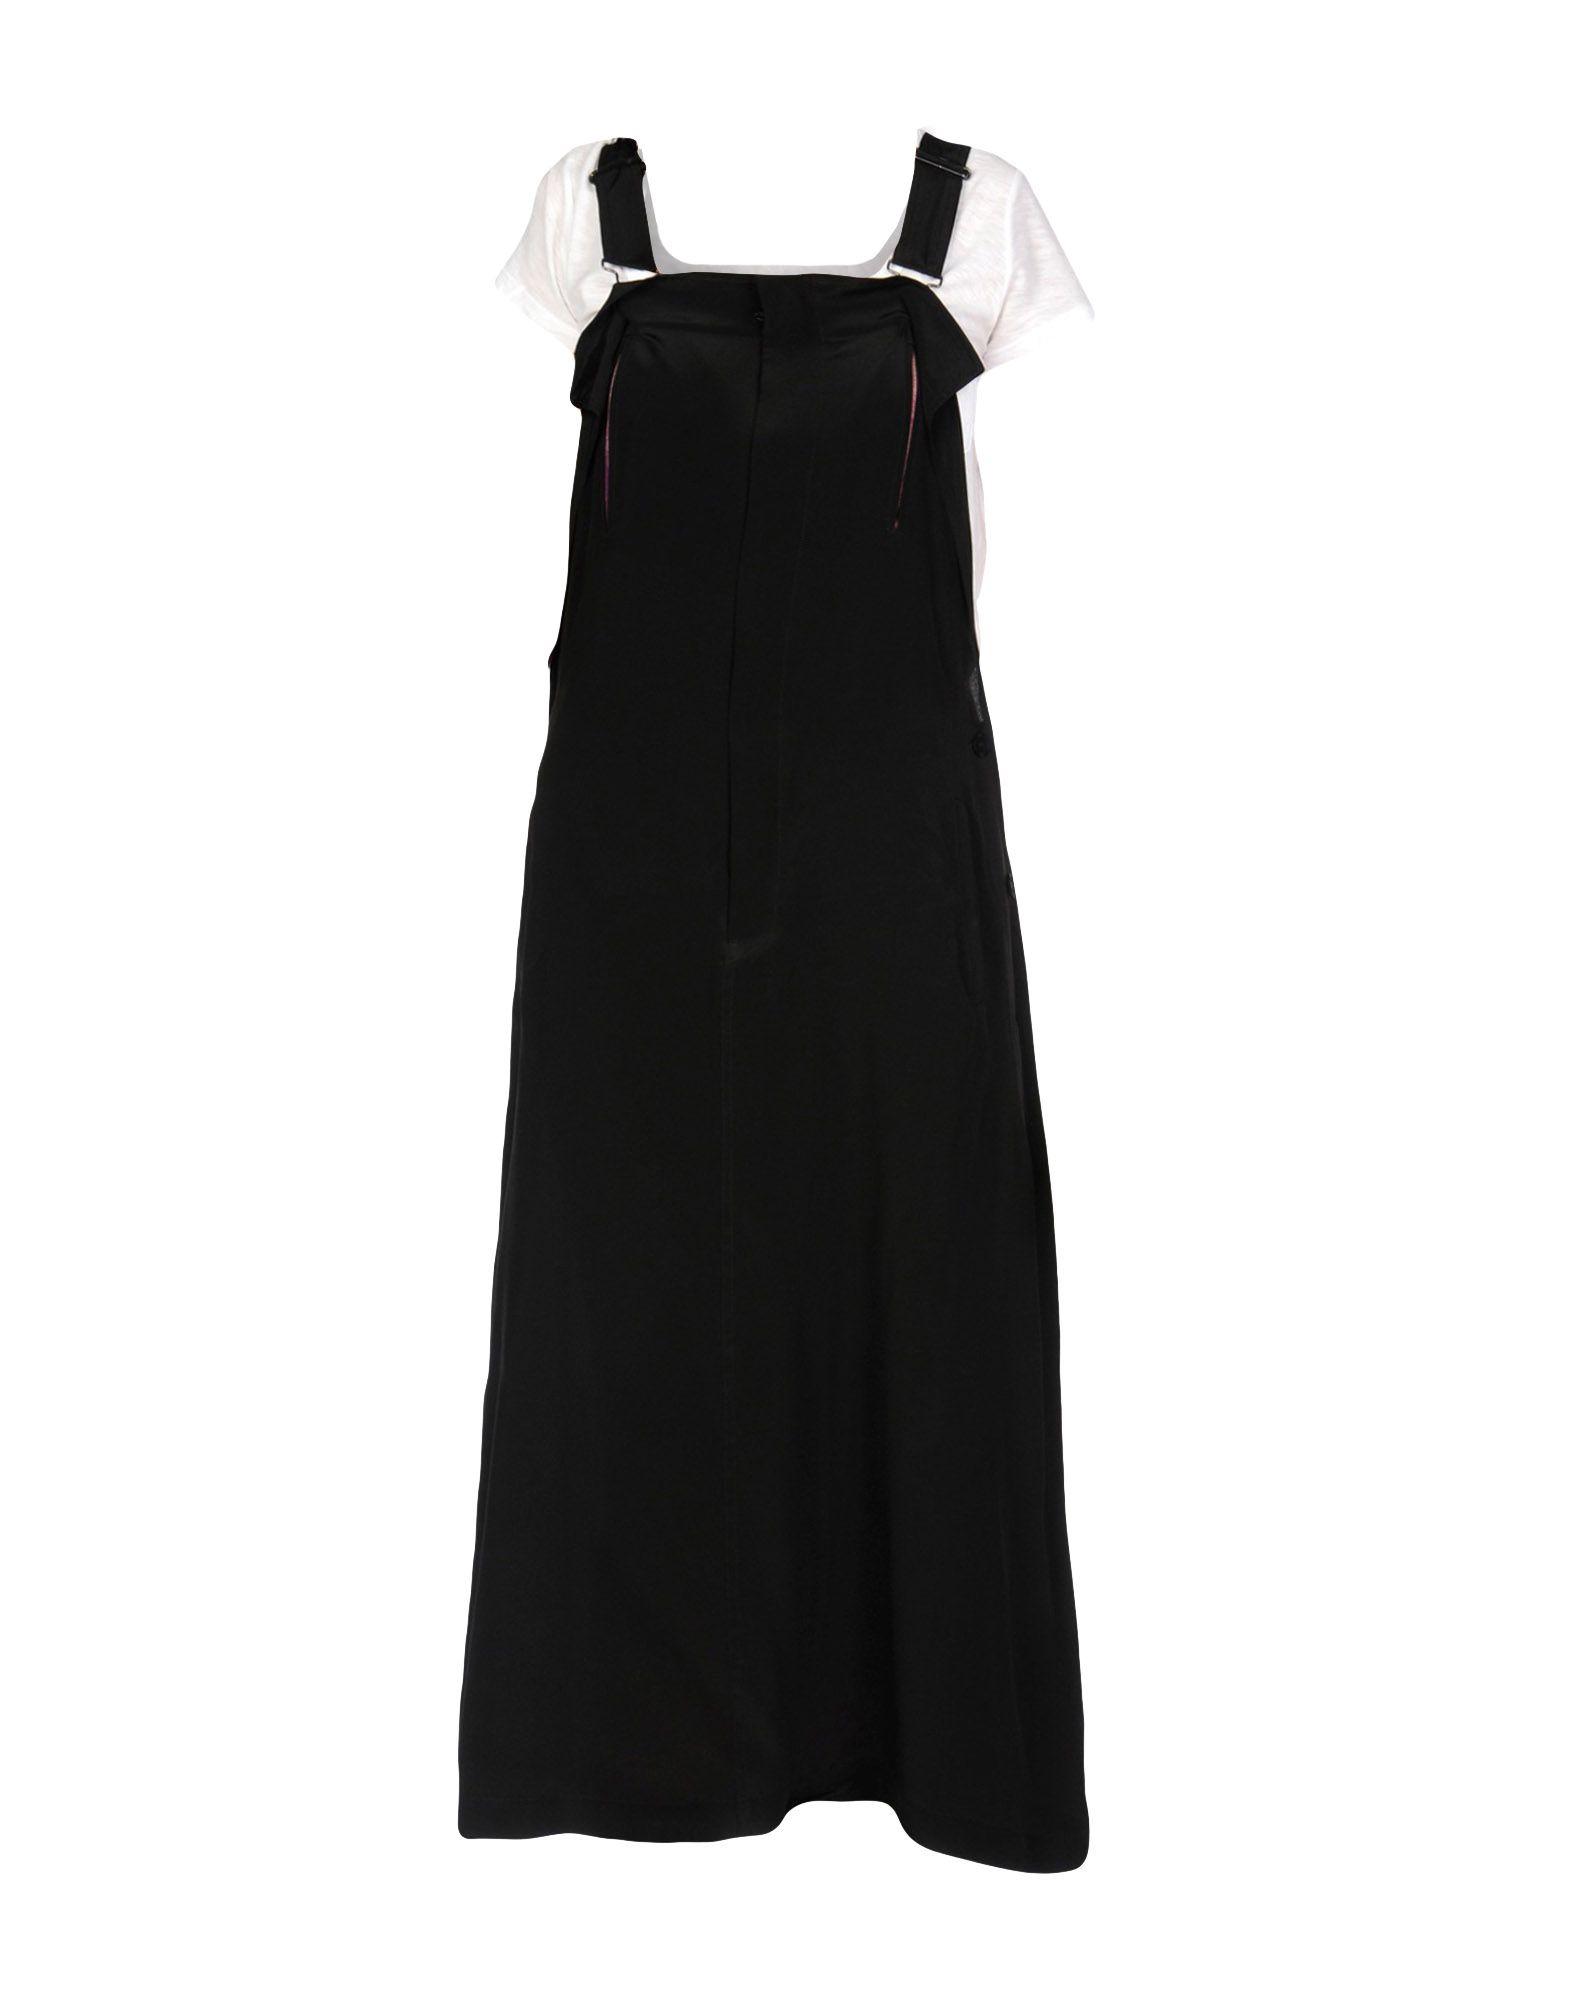 YOHJI YAMAMOTO Платье длиной 3/4 сумка other y3 yohji yamamoto t 3